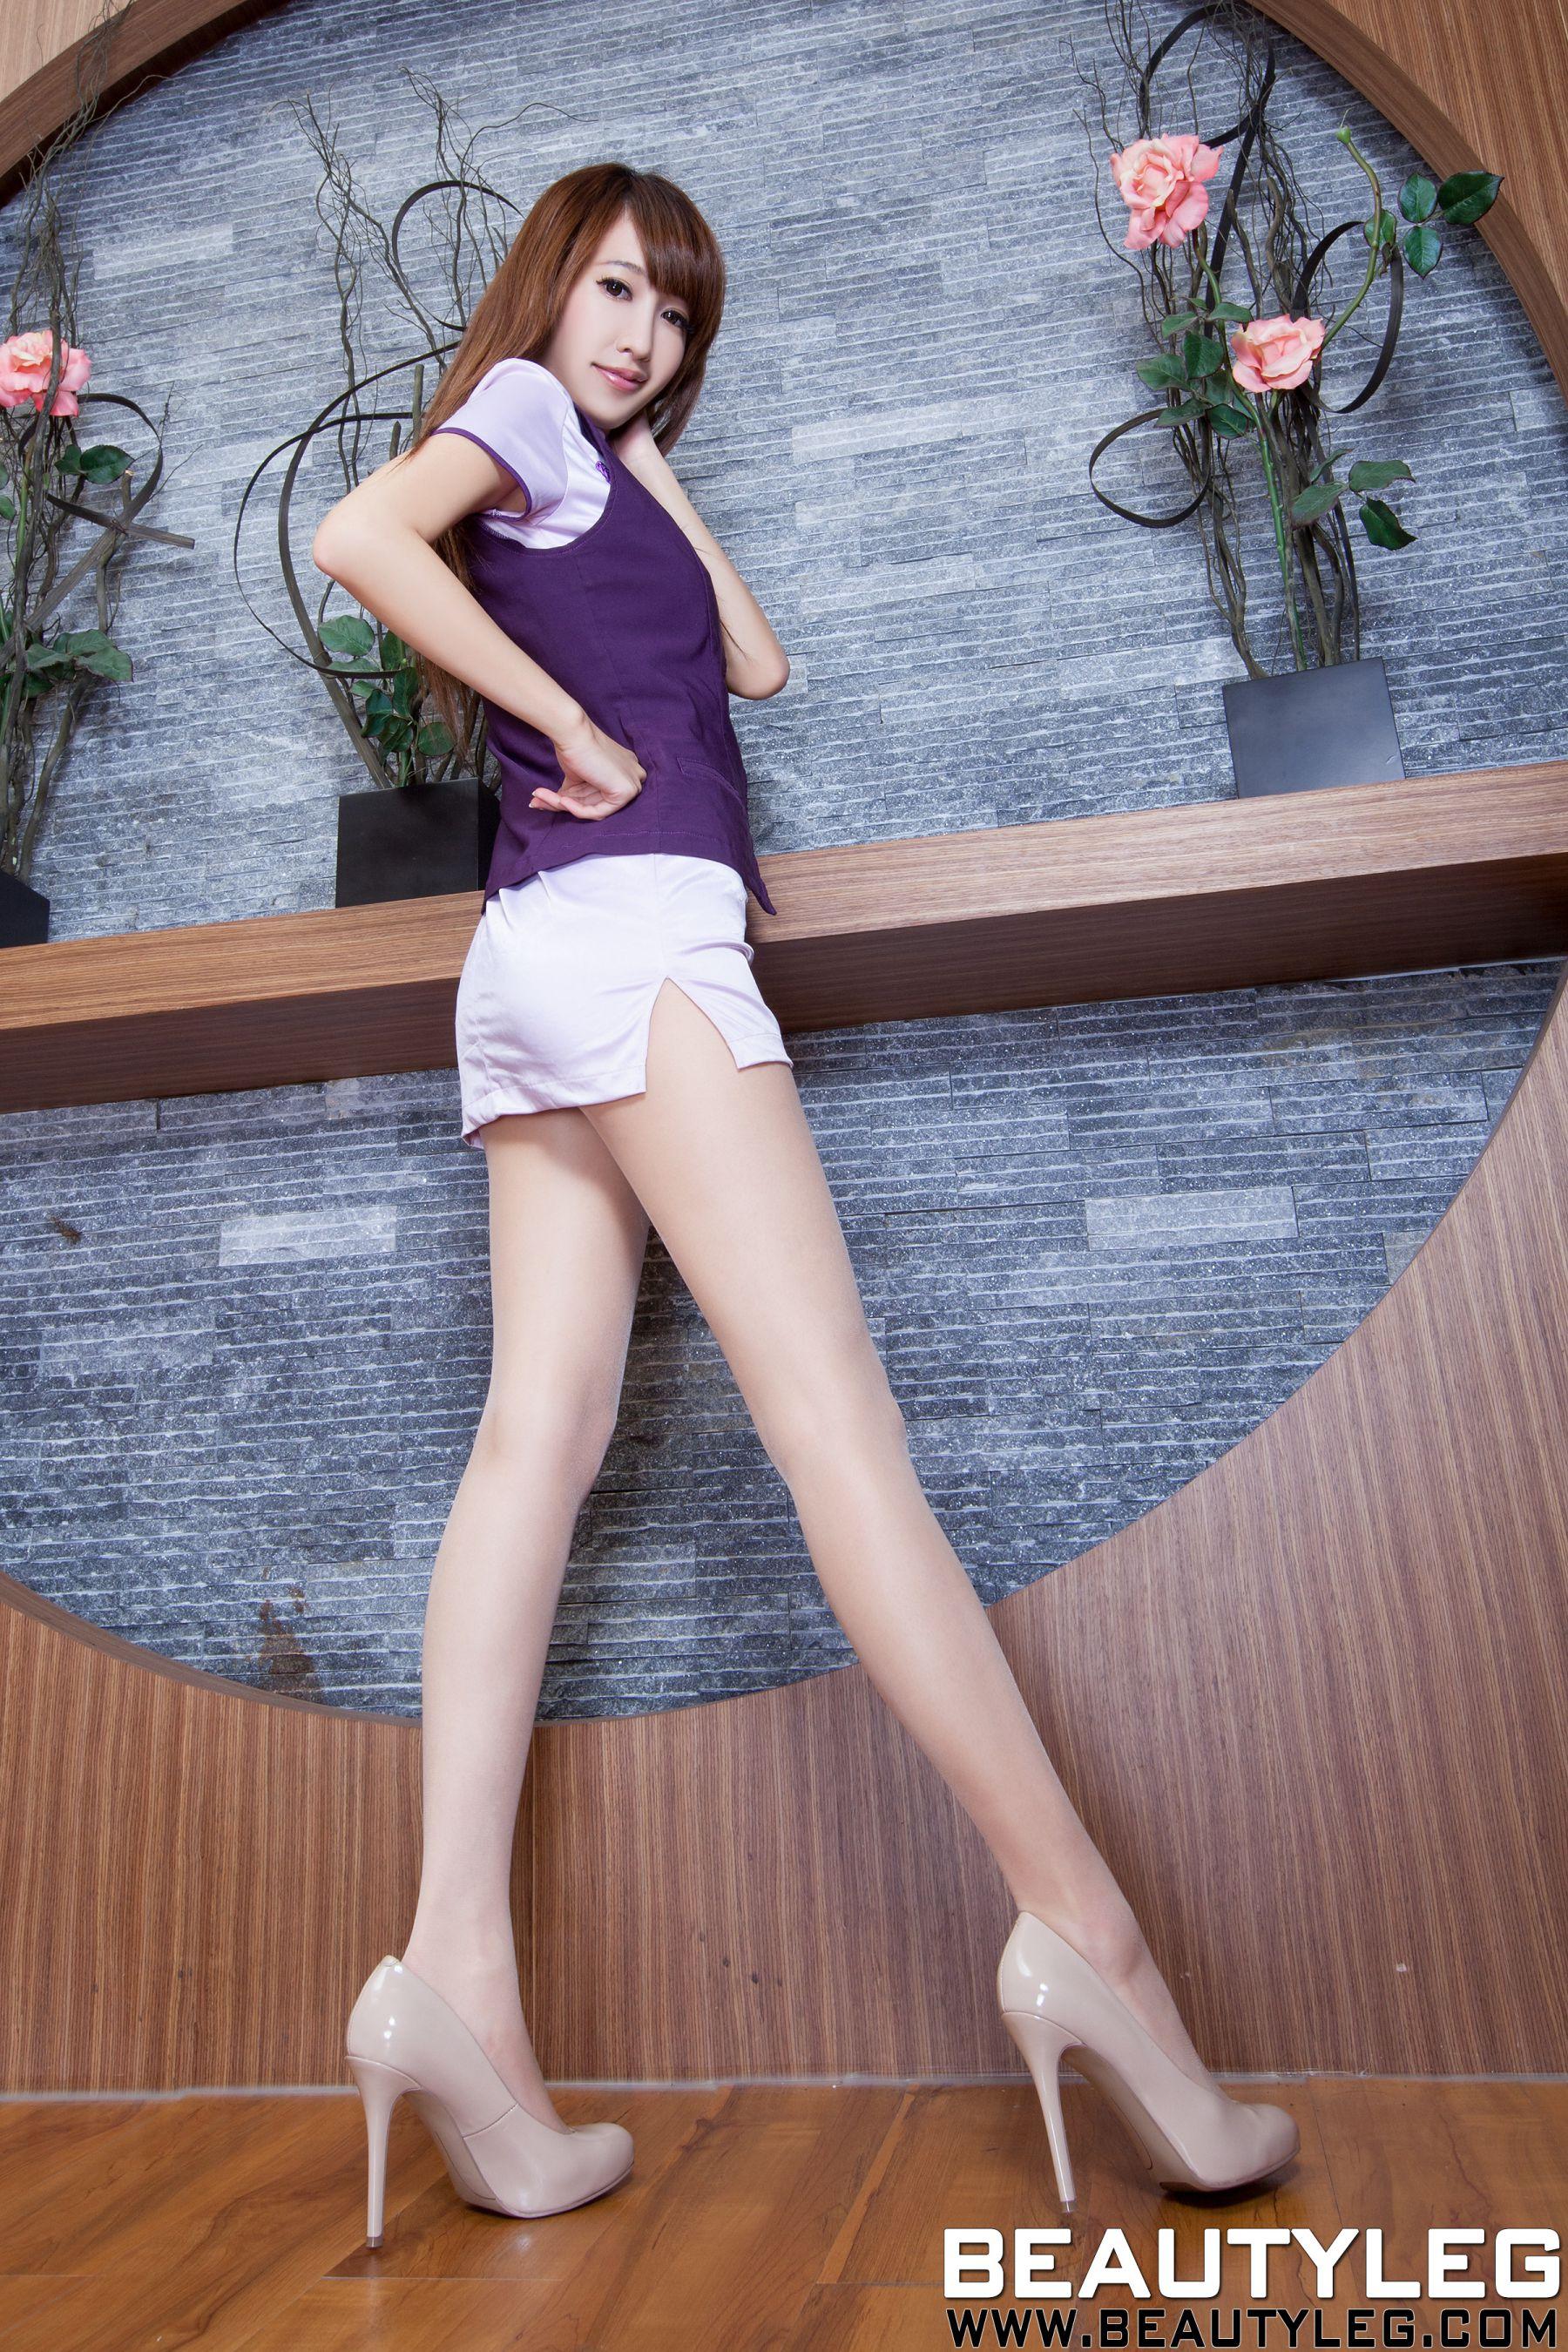 VOL.361 [Beautyleg]美腿:钟小八(腿模Tiara,钟明洁)高品质写真套图(50P)